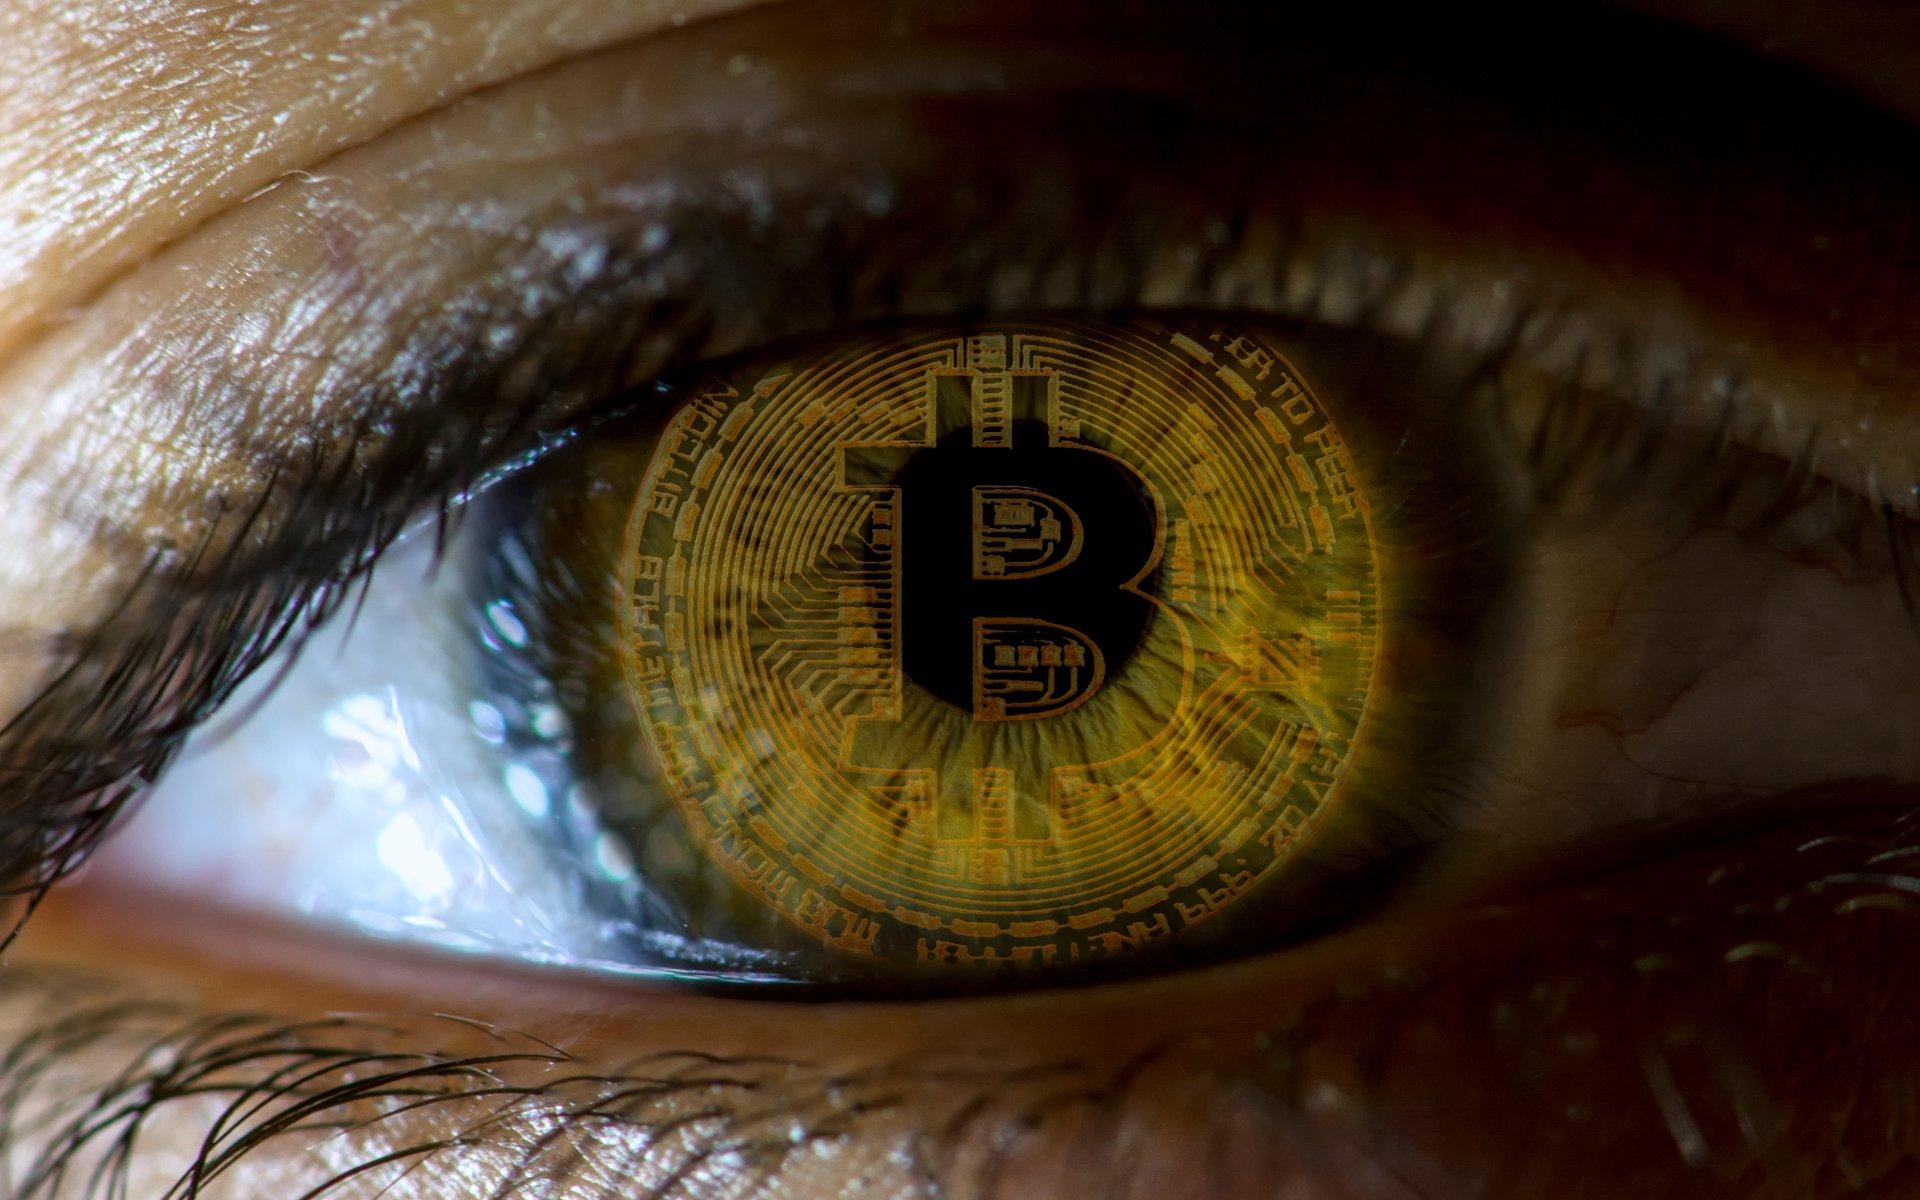 Bitcoin hashrate reflect